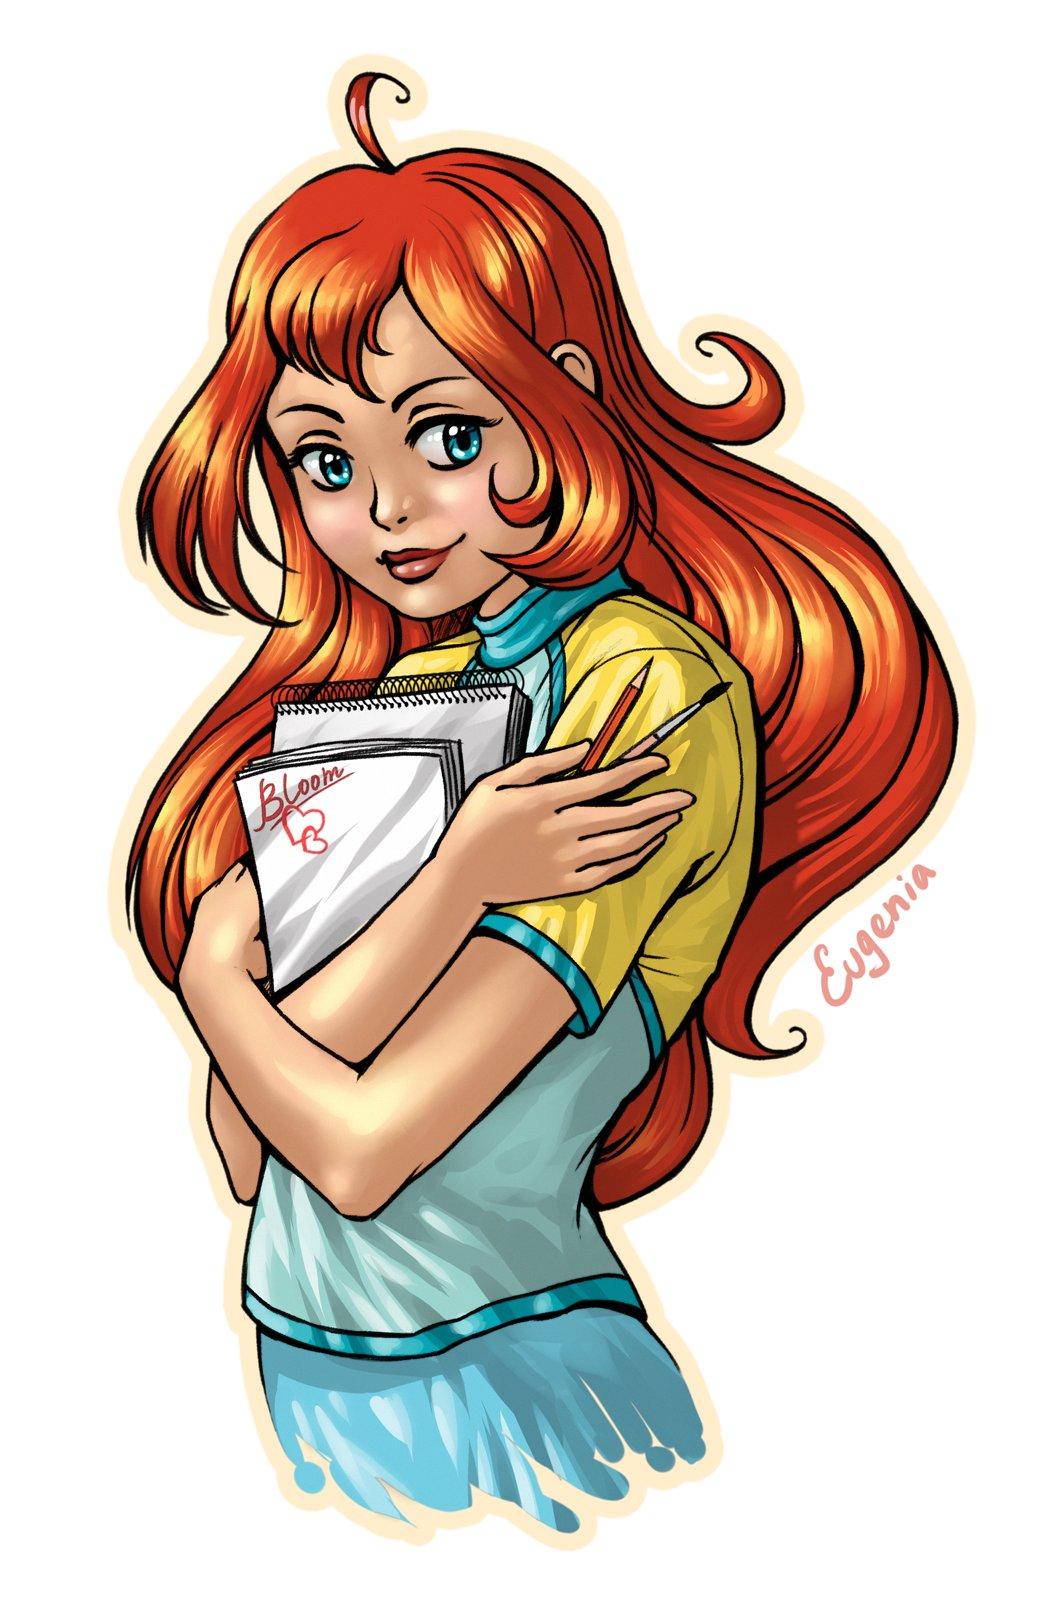 Bloom (Winx Club) - Zerochan Anime Image Board